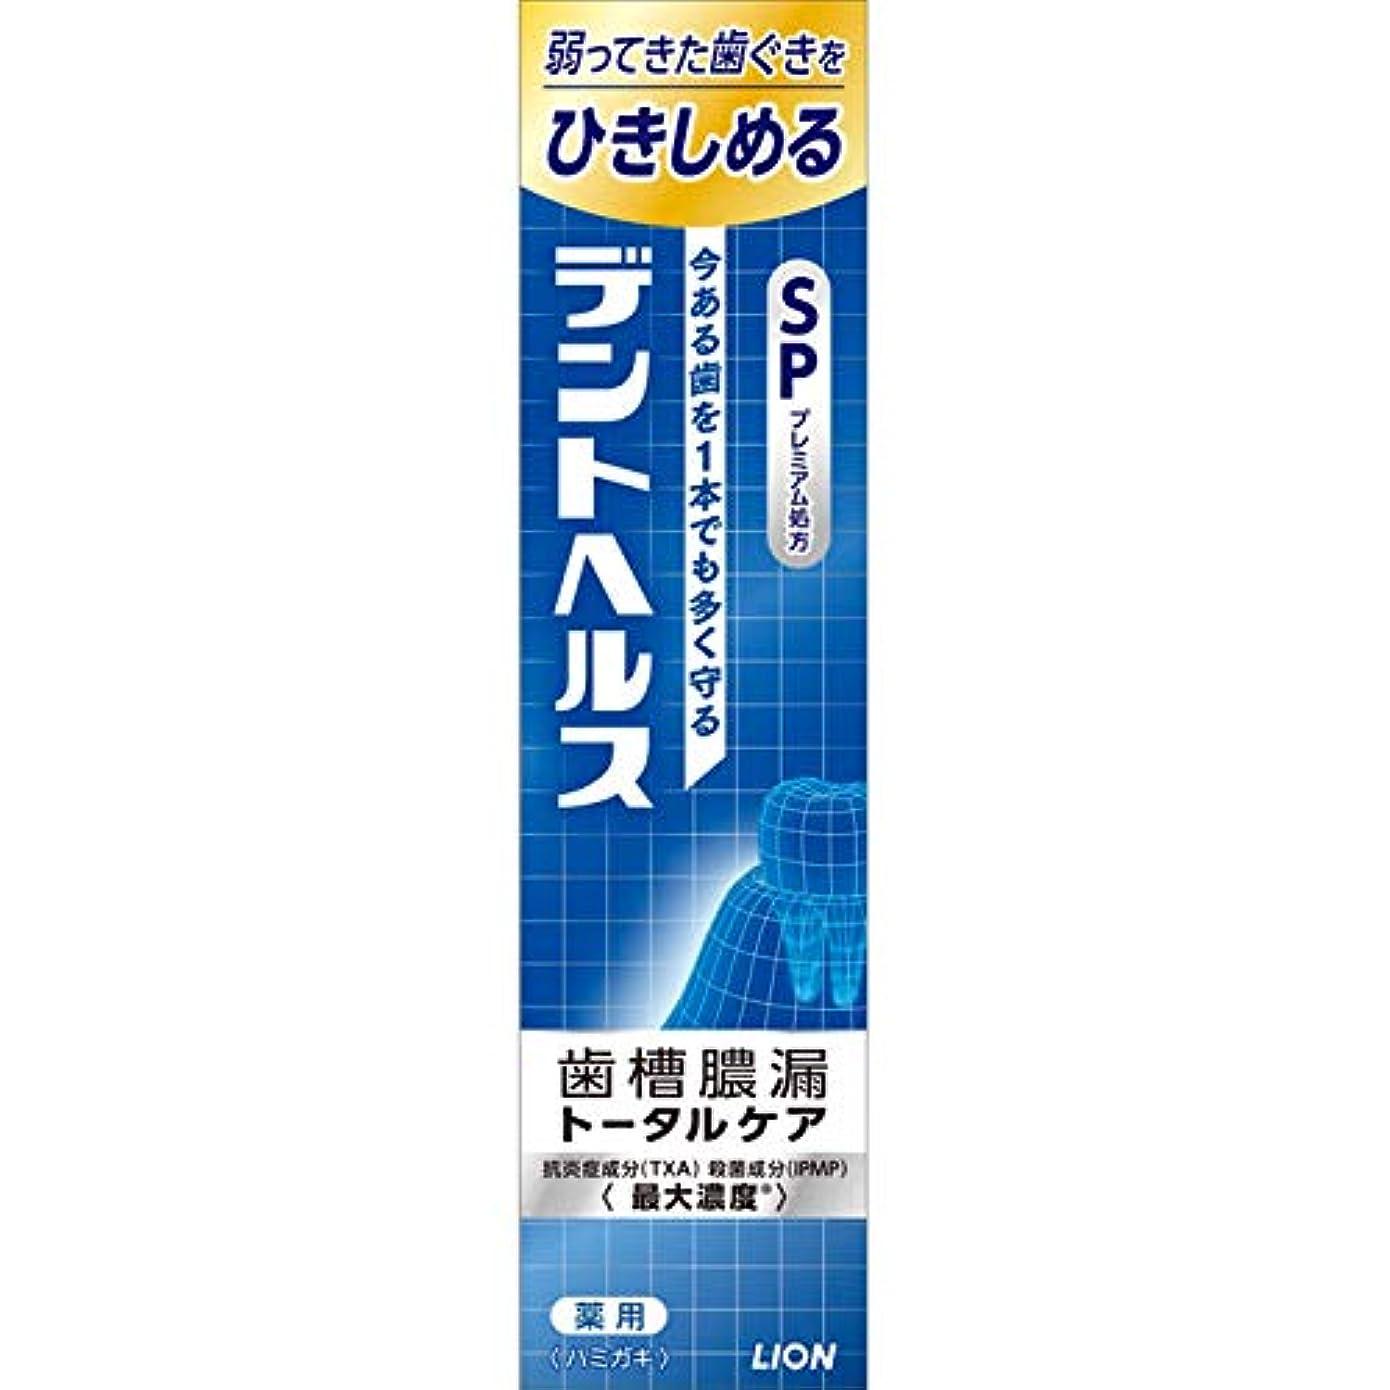 膜苦難経営者ライオン デントヘルス 薬用ハミガキ SP 120g (医薬部外品)